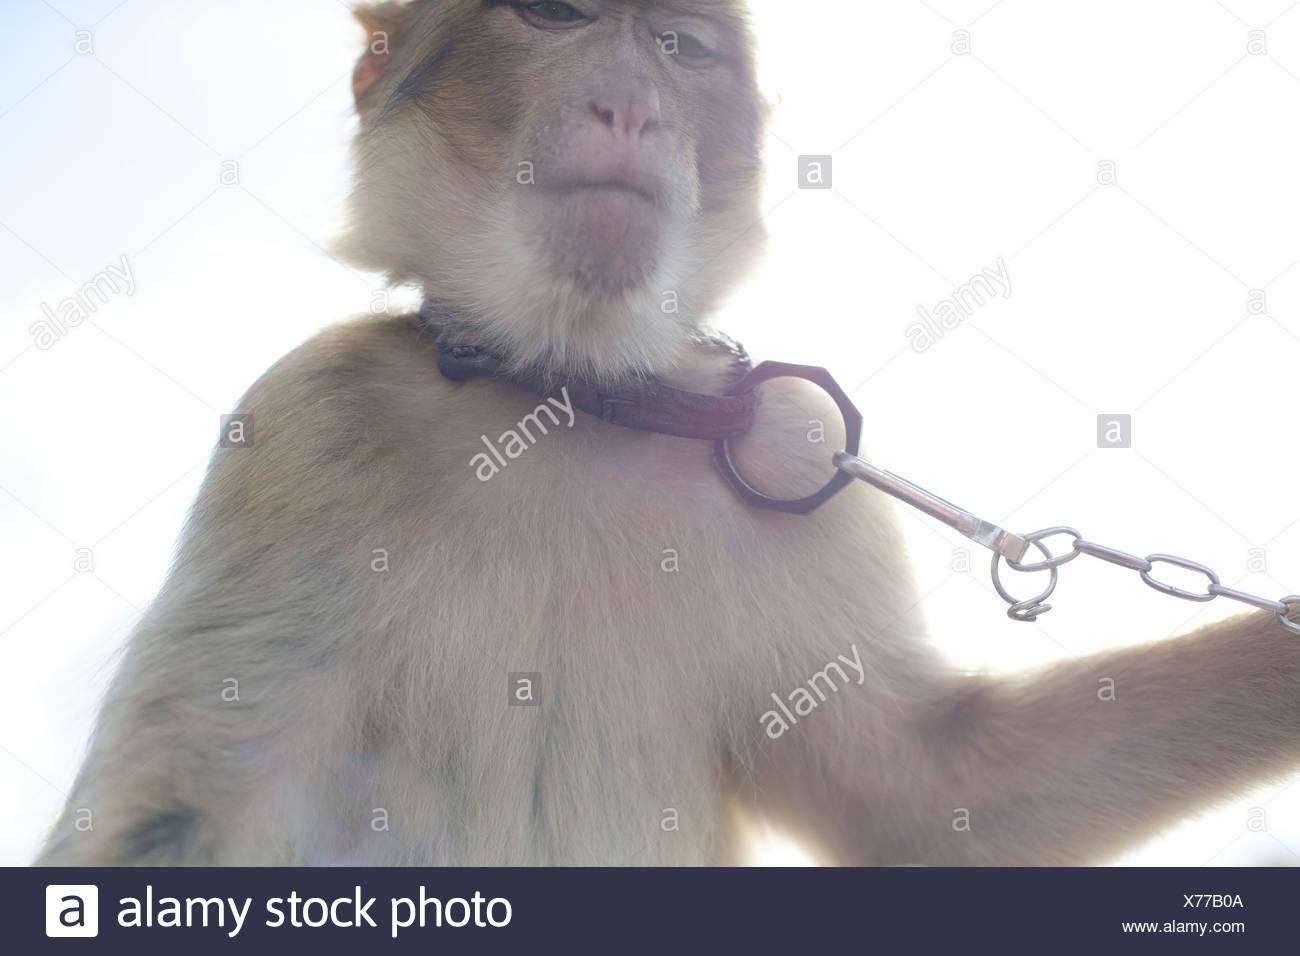 Astounding Haustier Affe Foto Von Trägt Kragen